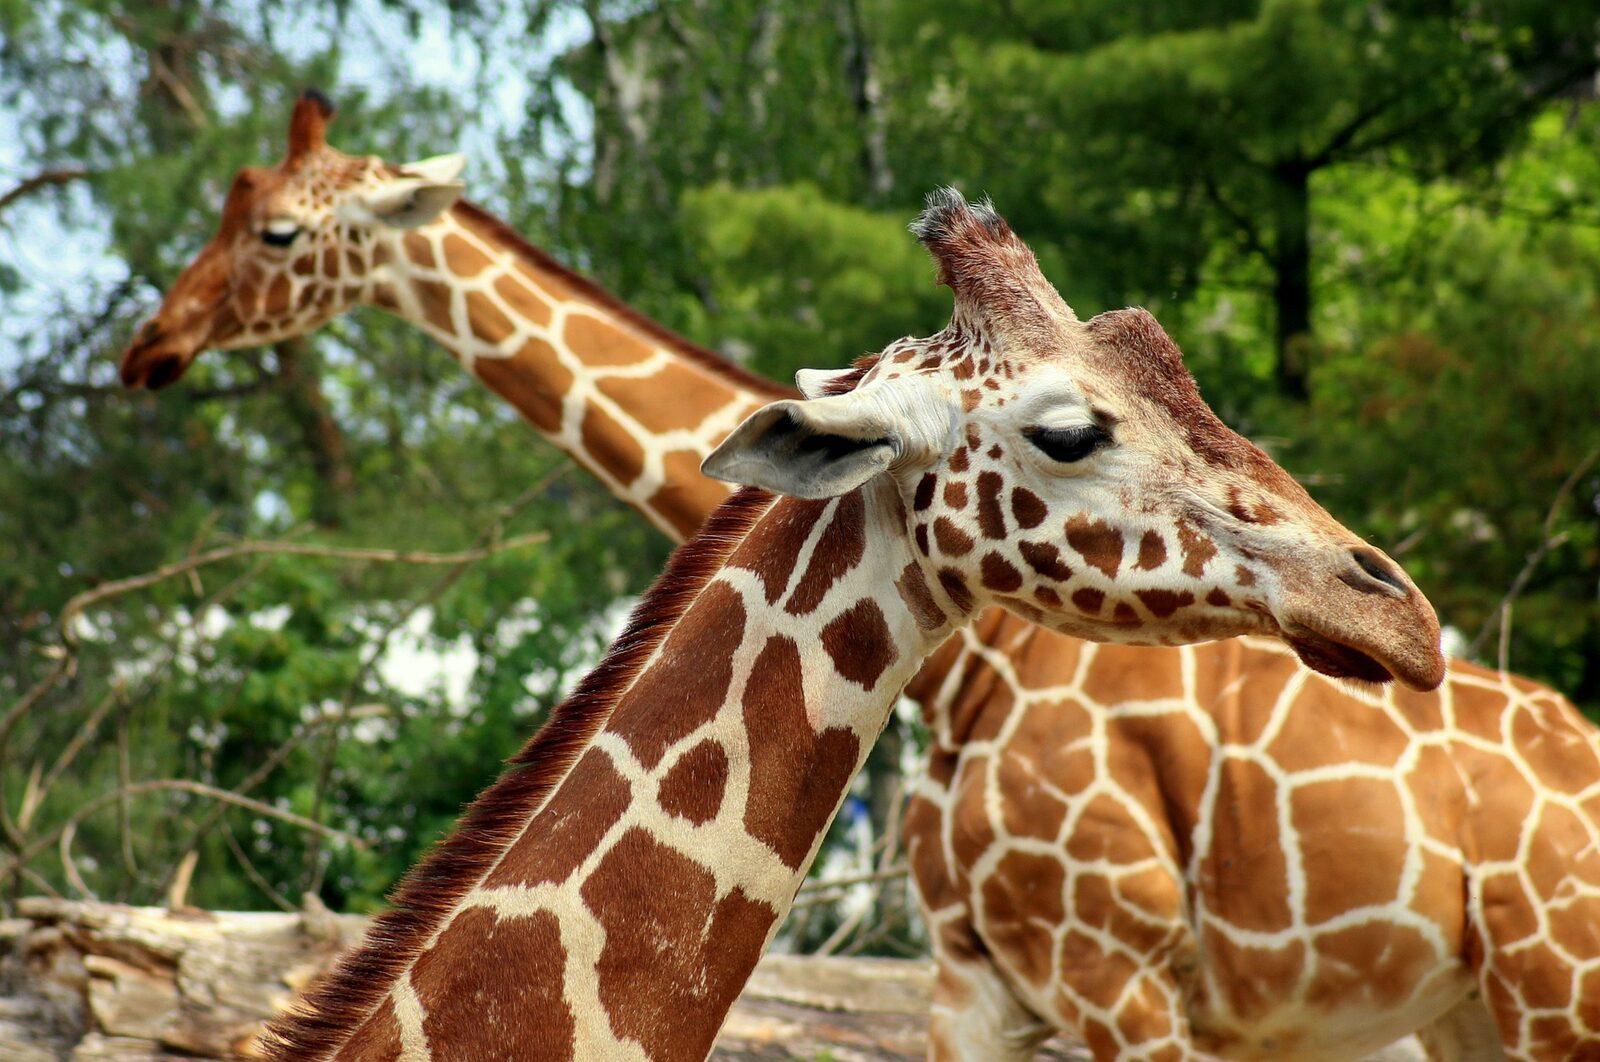 Le Zoo des Sables